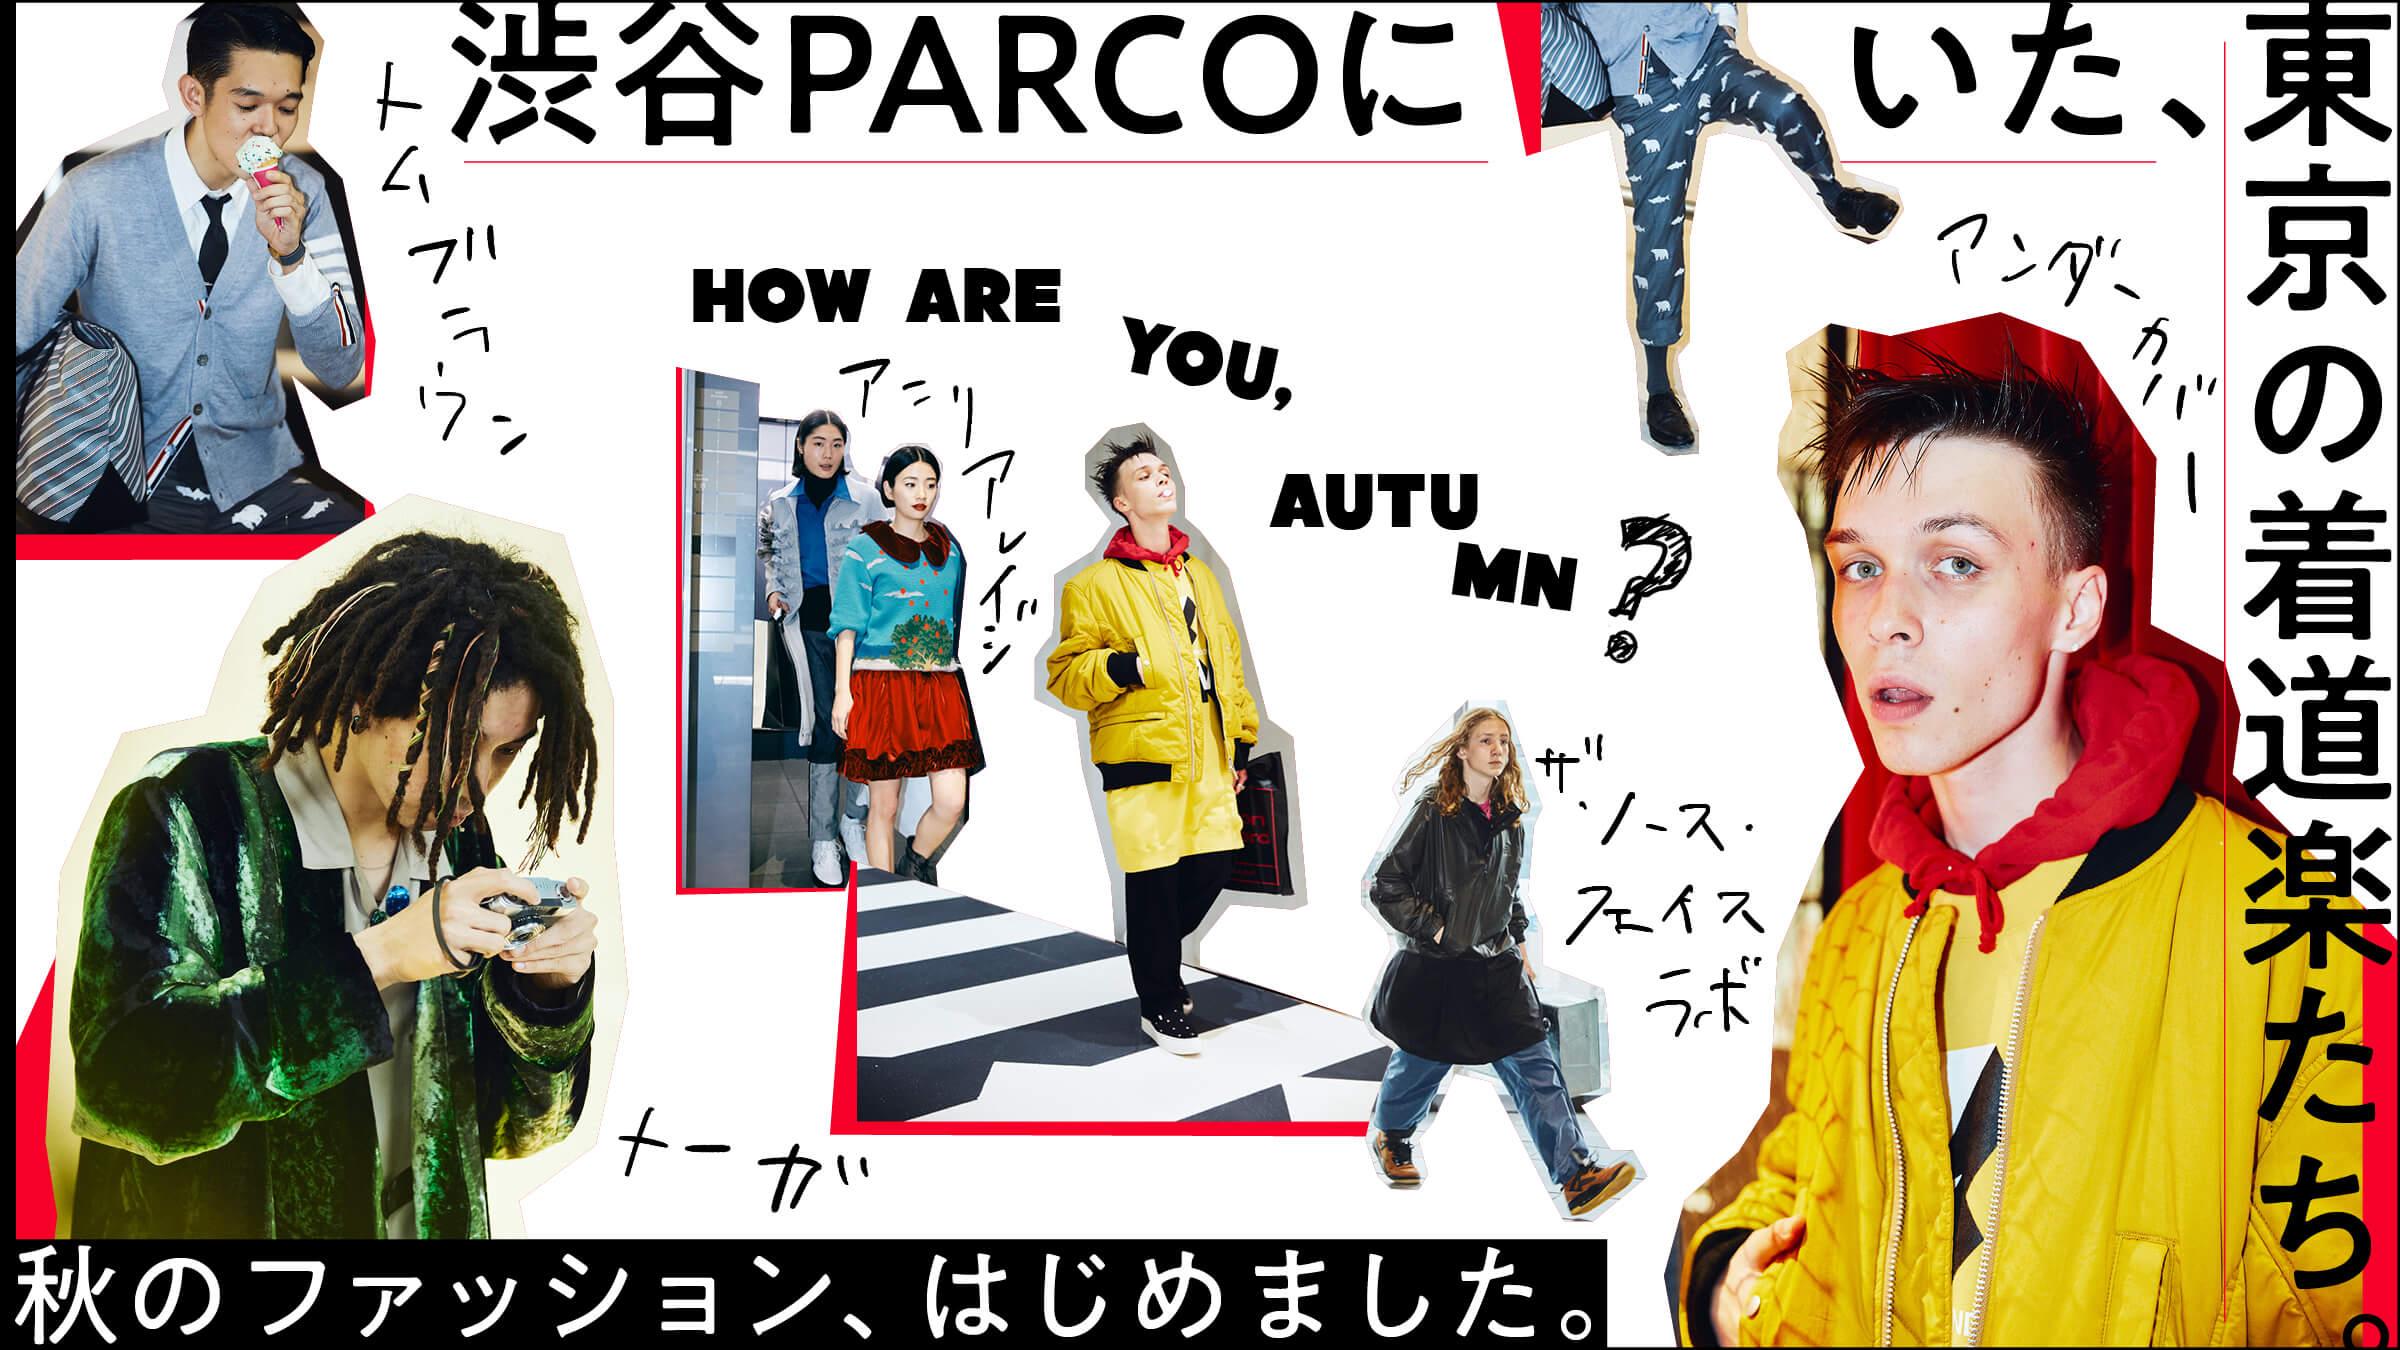 秋のファッション、はじめました。 渋谷PARCOにいた、東京の着道楽たち。